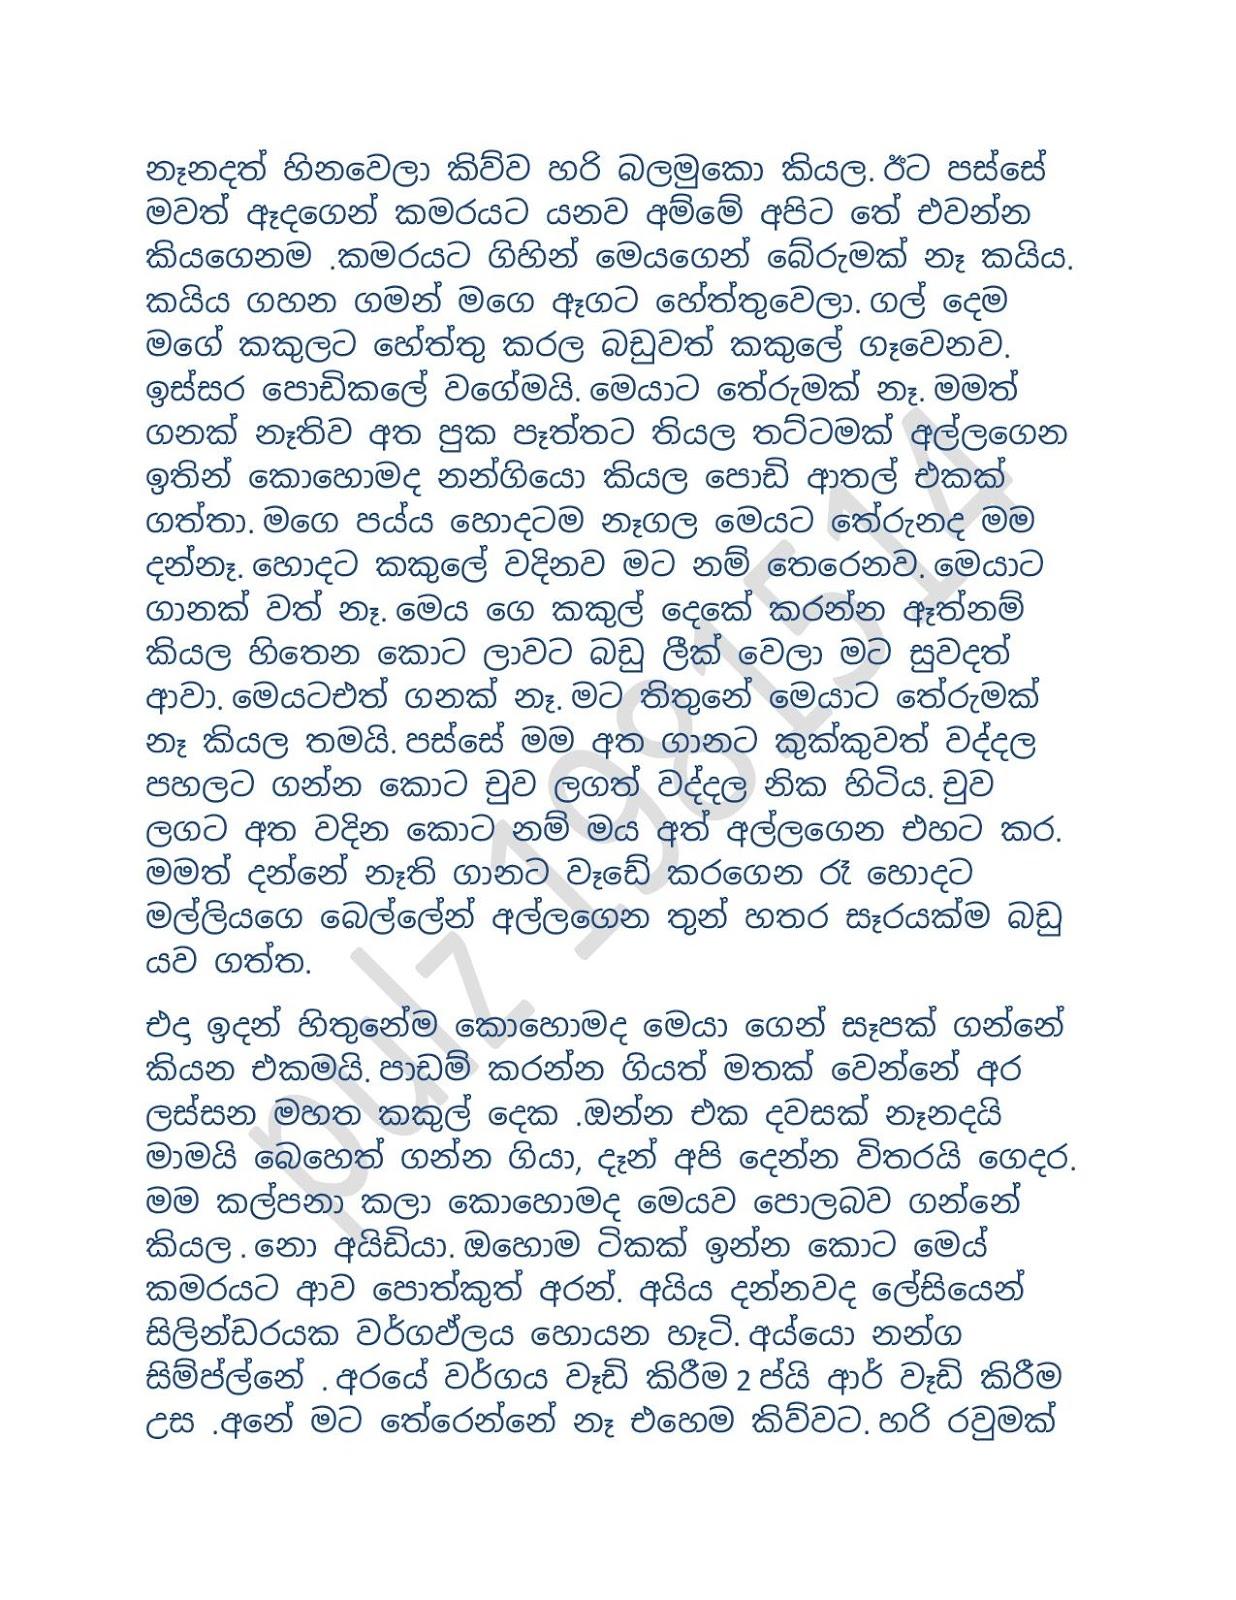 චූටිනැඳම්මා1 - Sinhala Wal Katha